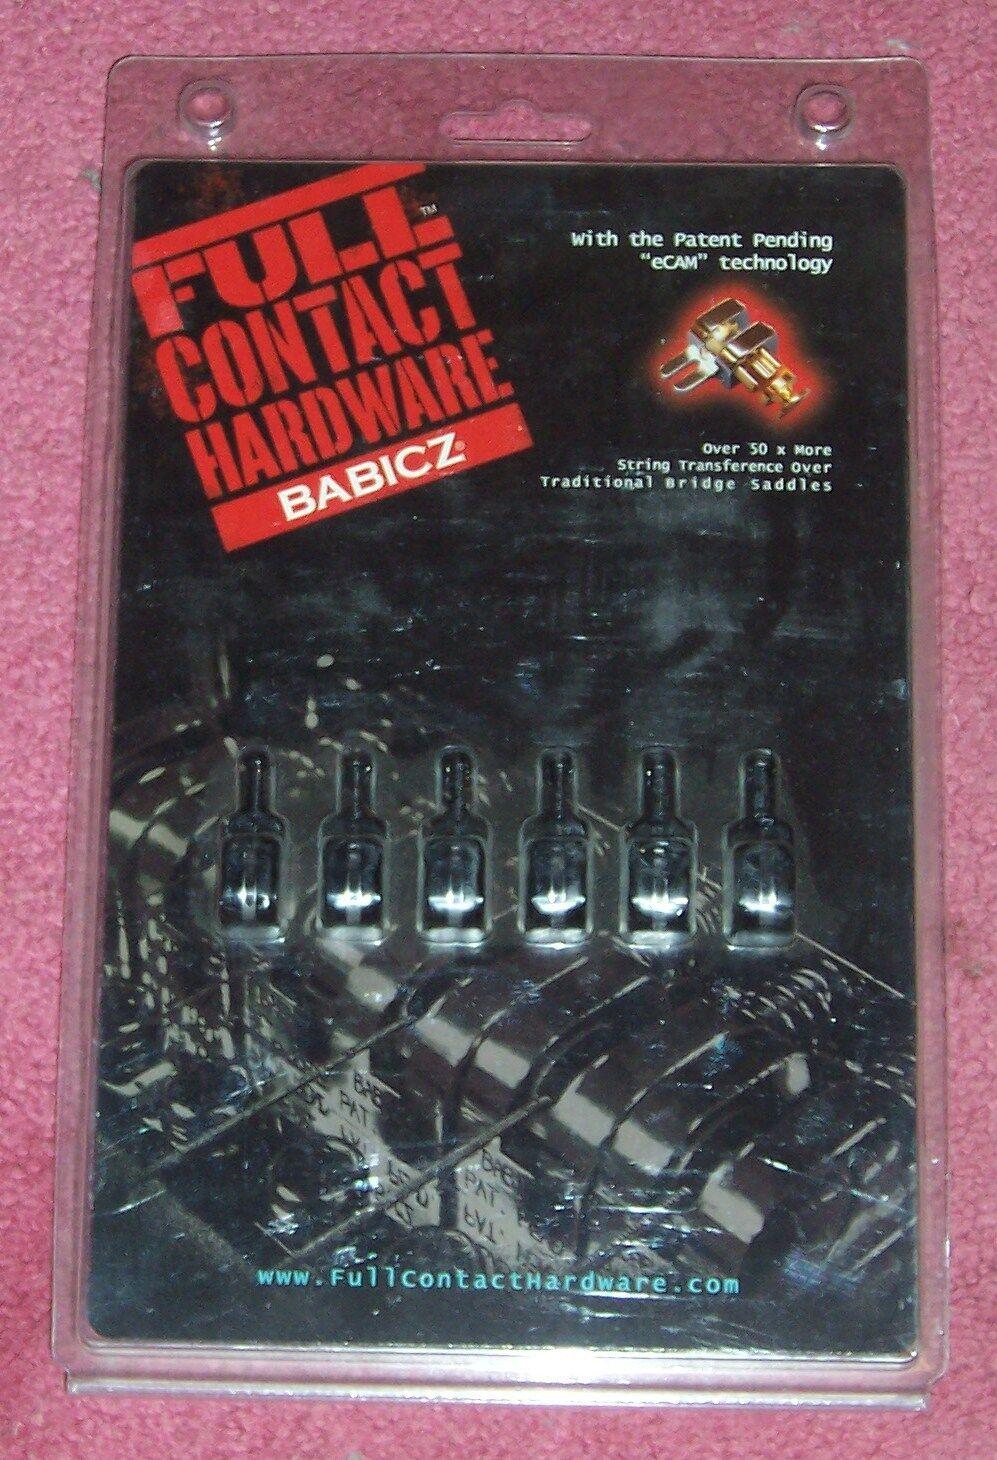 Full Contact Hardware by Babicz Guitars .. Saddle Set in schwarz finish